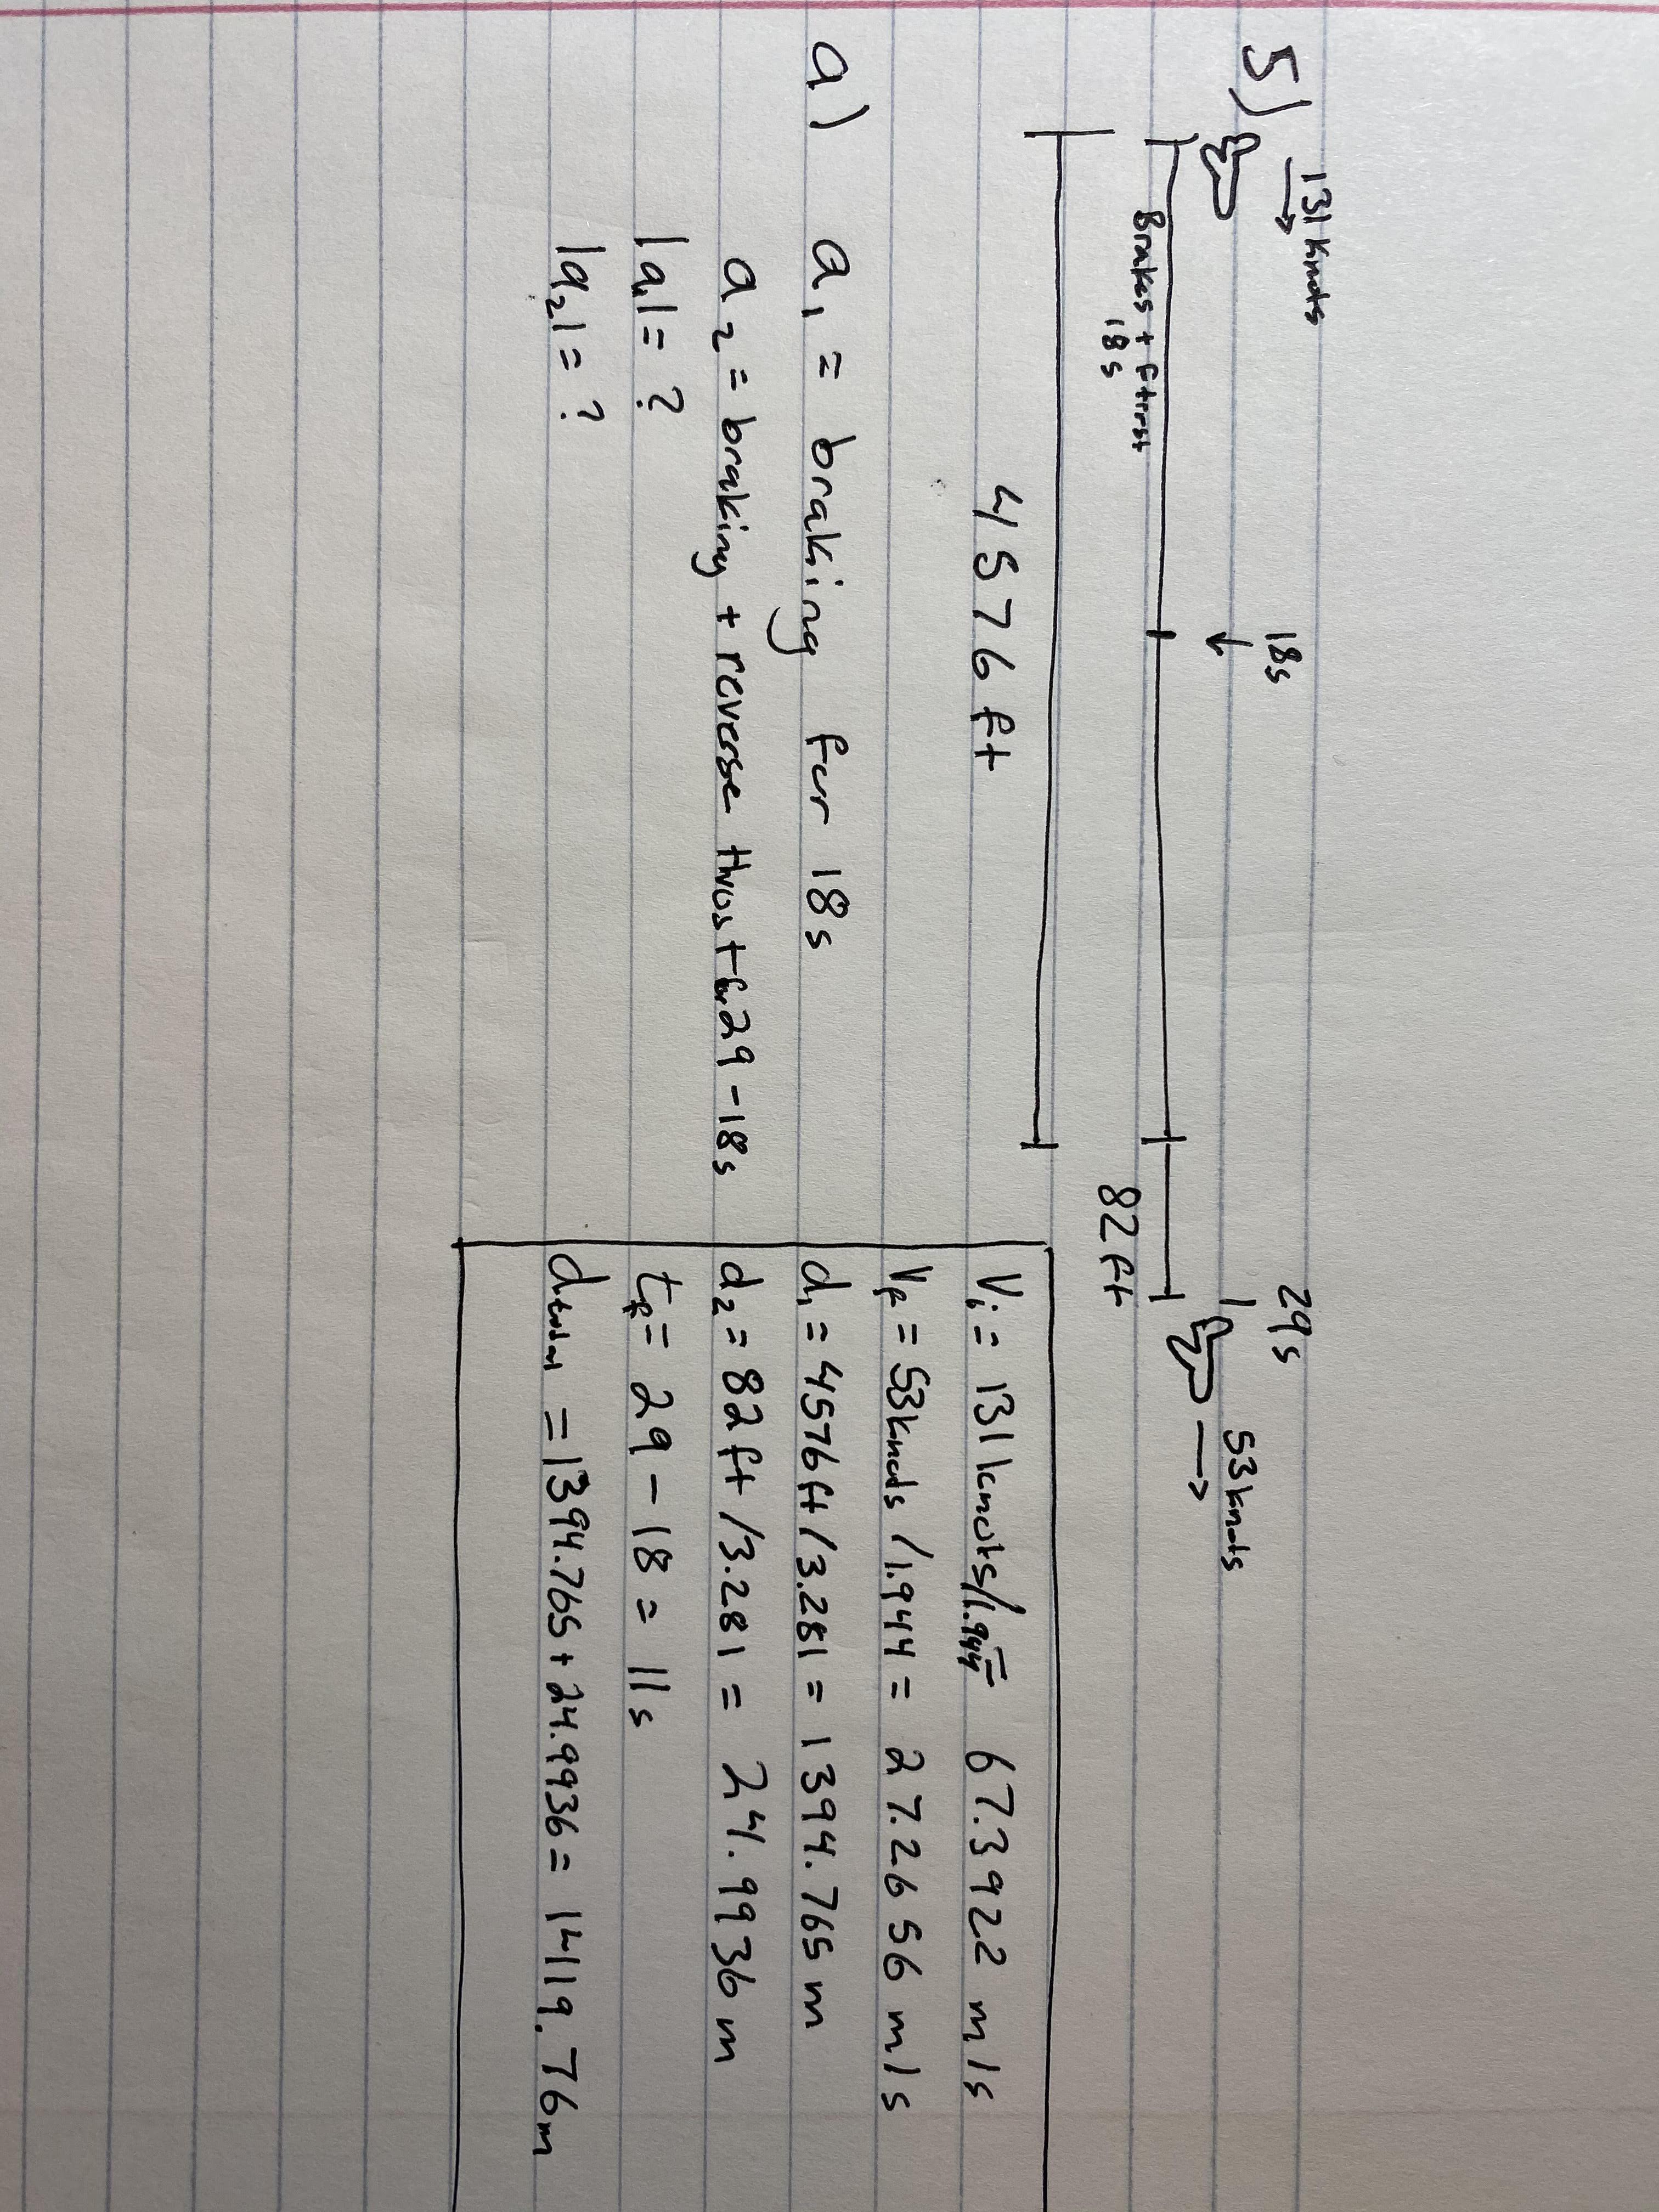 131 Knots 295 185 5) 53 knols Brakes t Ftrest 185 82 Ft 4576ft V; = 131 lcnots/.gF 67.3922 mIs Ve= 53kneds /1.944= 27.2656 mls al braking d,=45764(3.281=1394.765 m 24.9936 m for 18s dz= 82 ft /3.281= az= brakiny + reverse thost br29 -18s lal=? la,1=? te= 29-18 1ls de =1394.765 + 24.9936 = 1L119.76m